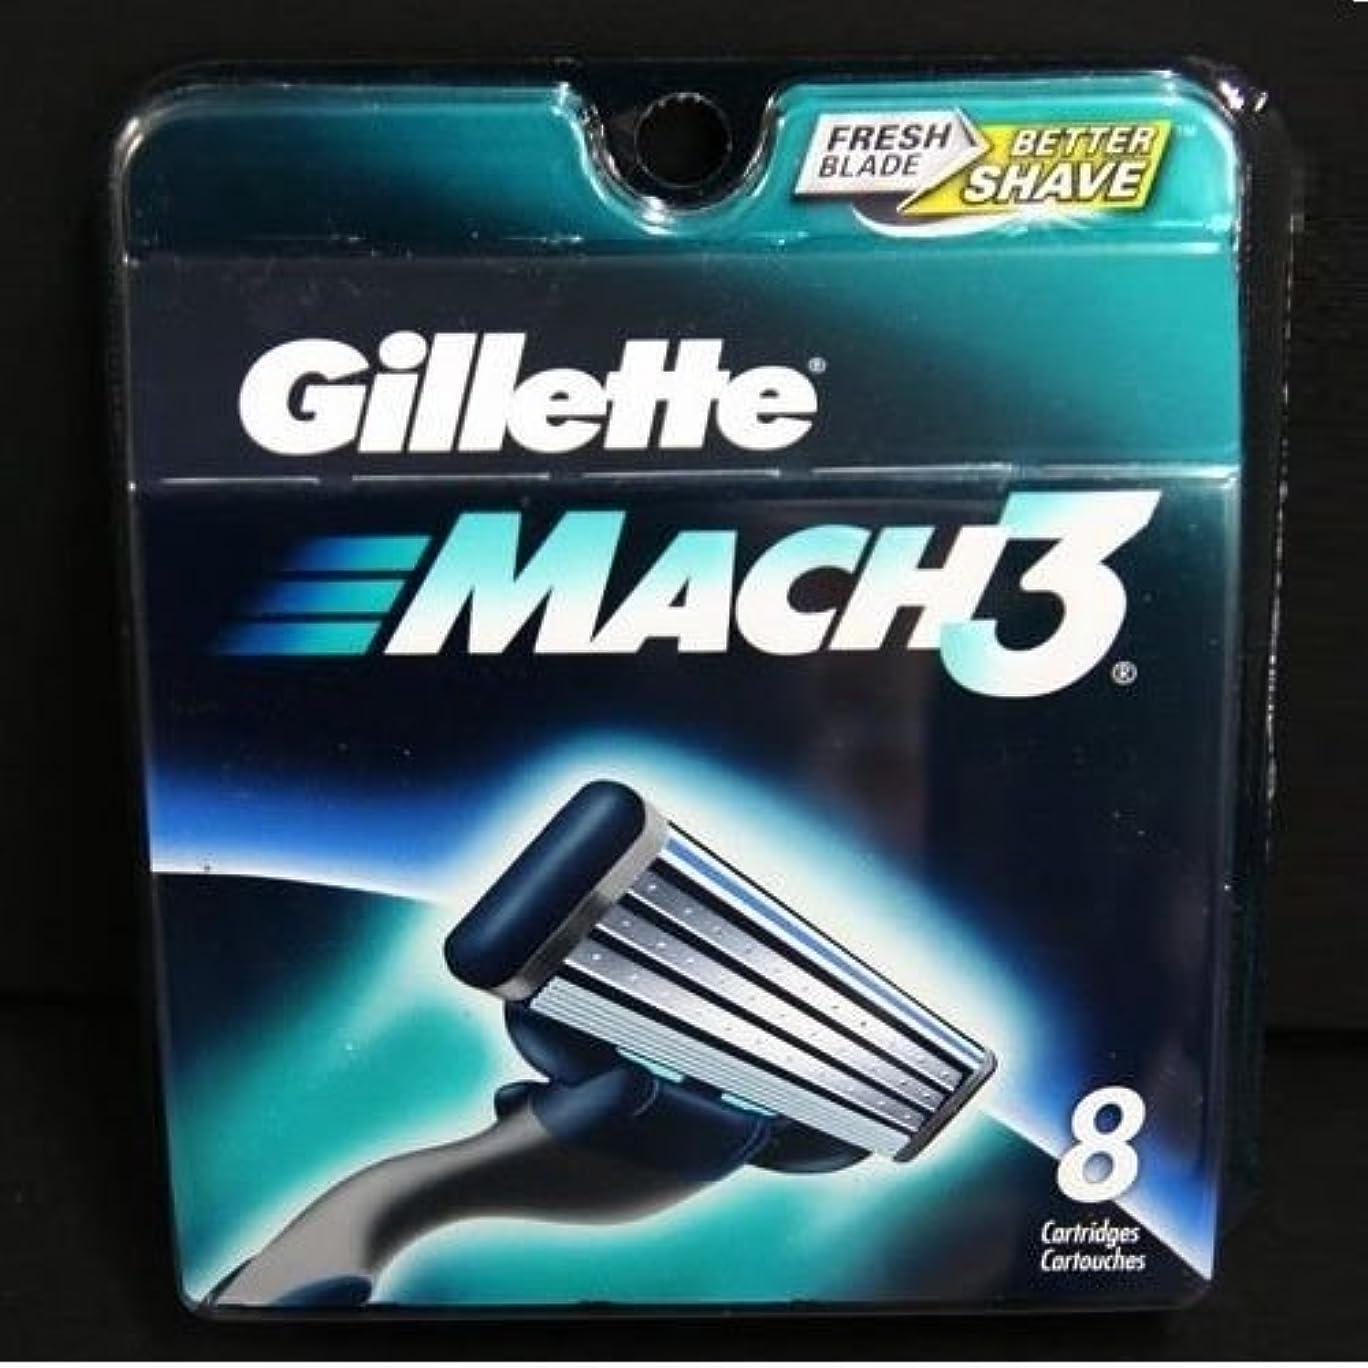 ファントムサイズ笑Gillette MACH3 SHAVING RAZOR カートリッジブレード 8 Pack [並行輸入品]